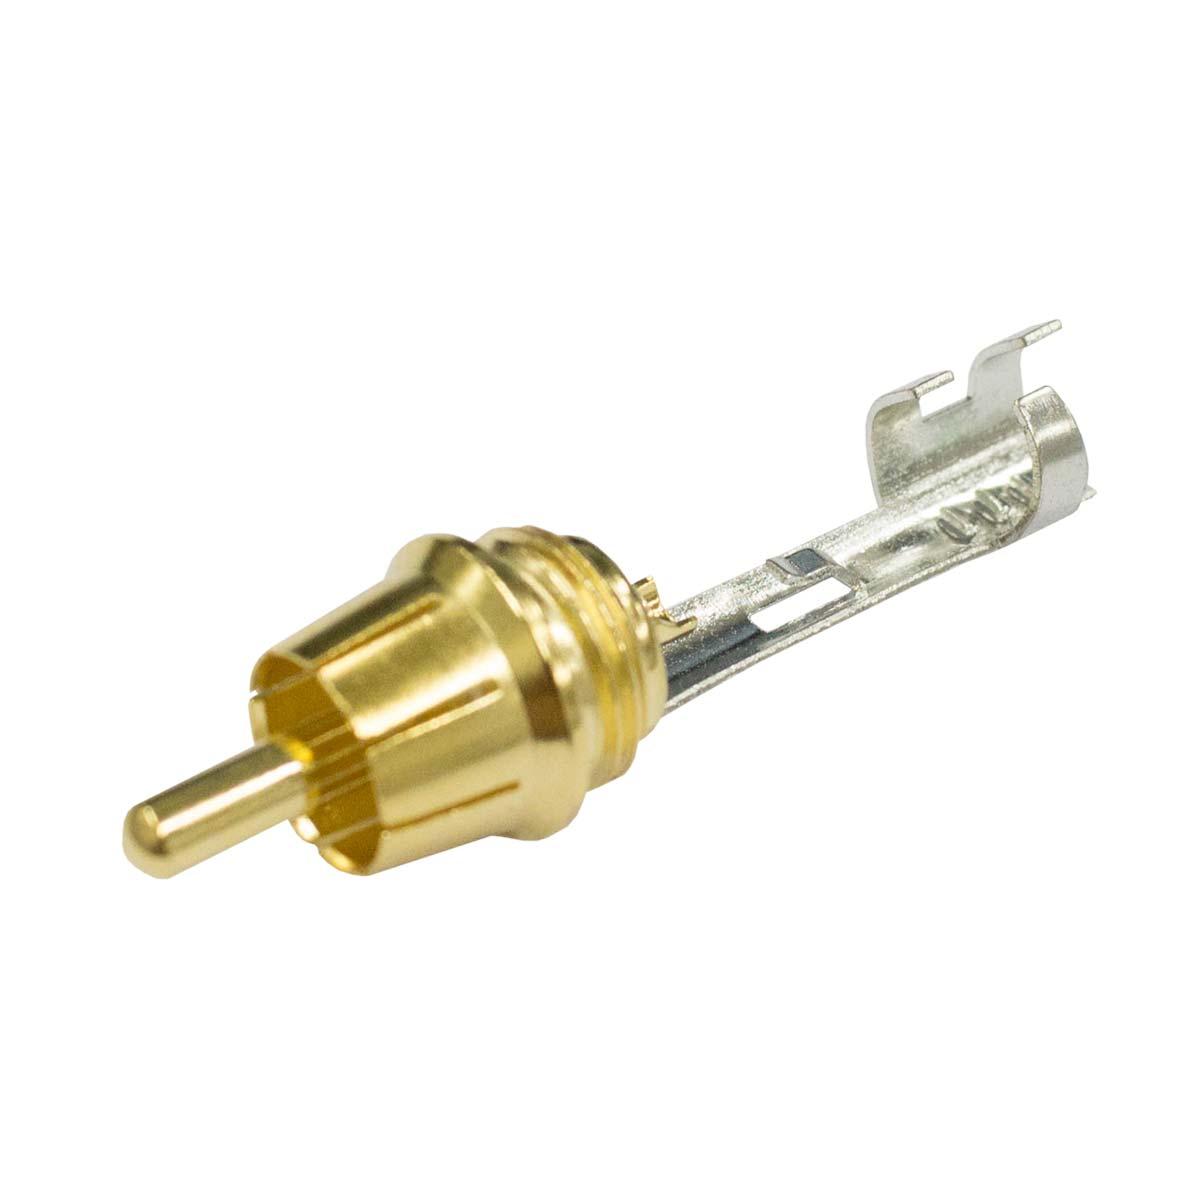 Conector RCA Macho Linha - ACPR BLK Amphenol